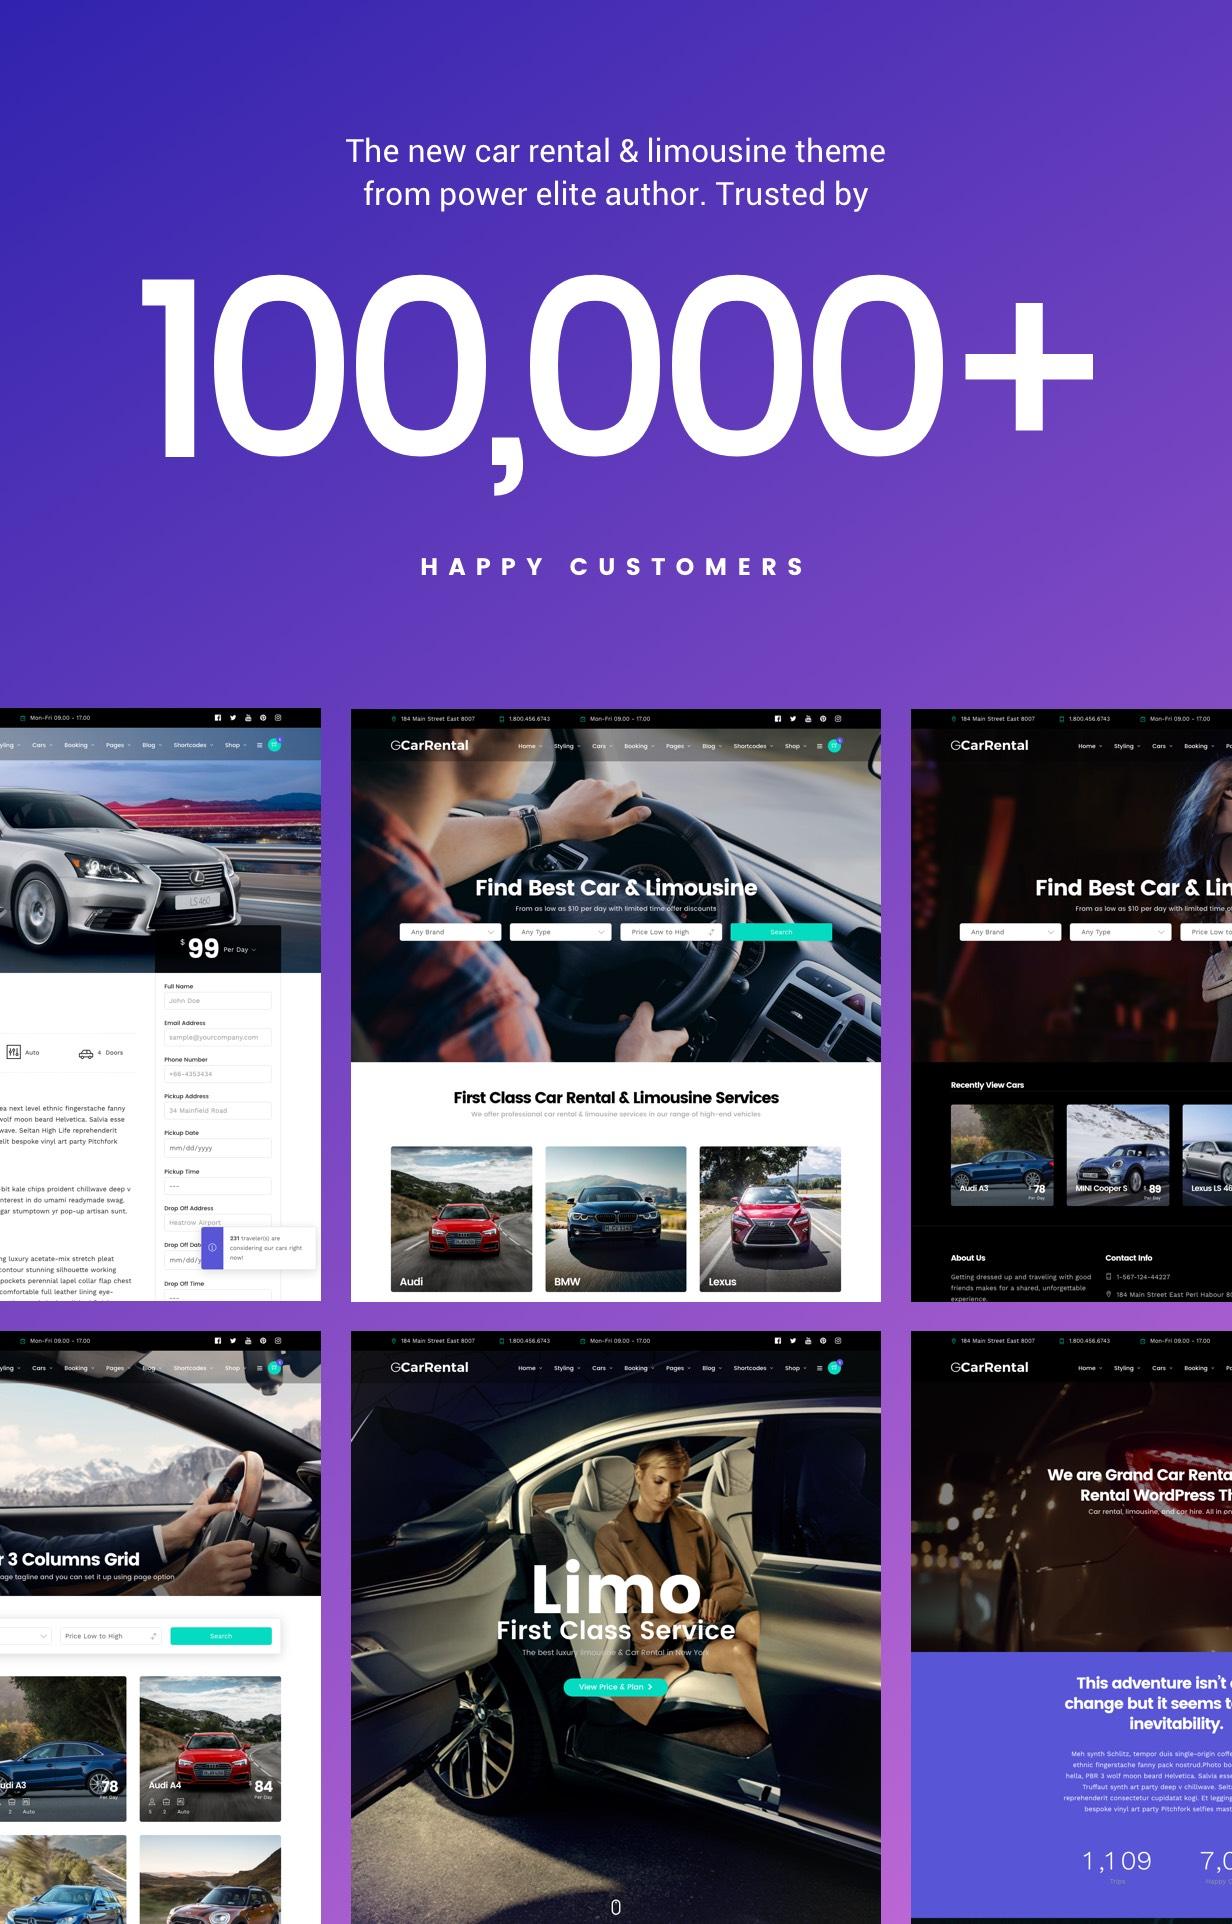 grand car3 - Grand Car Rental | Limousine Car Rental WordPress